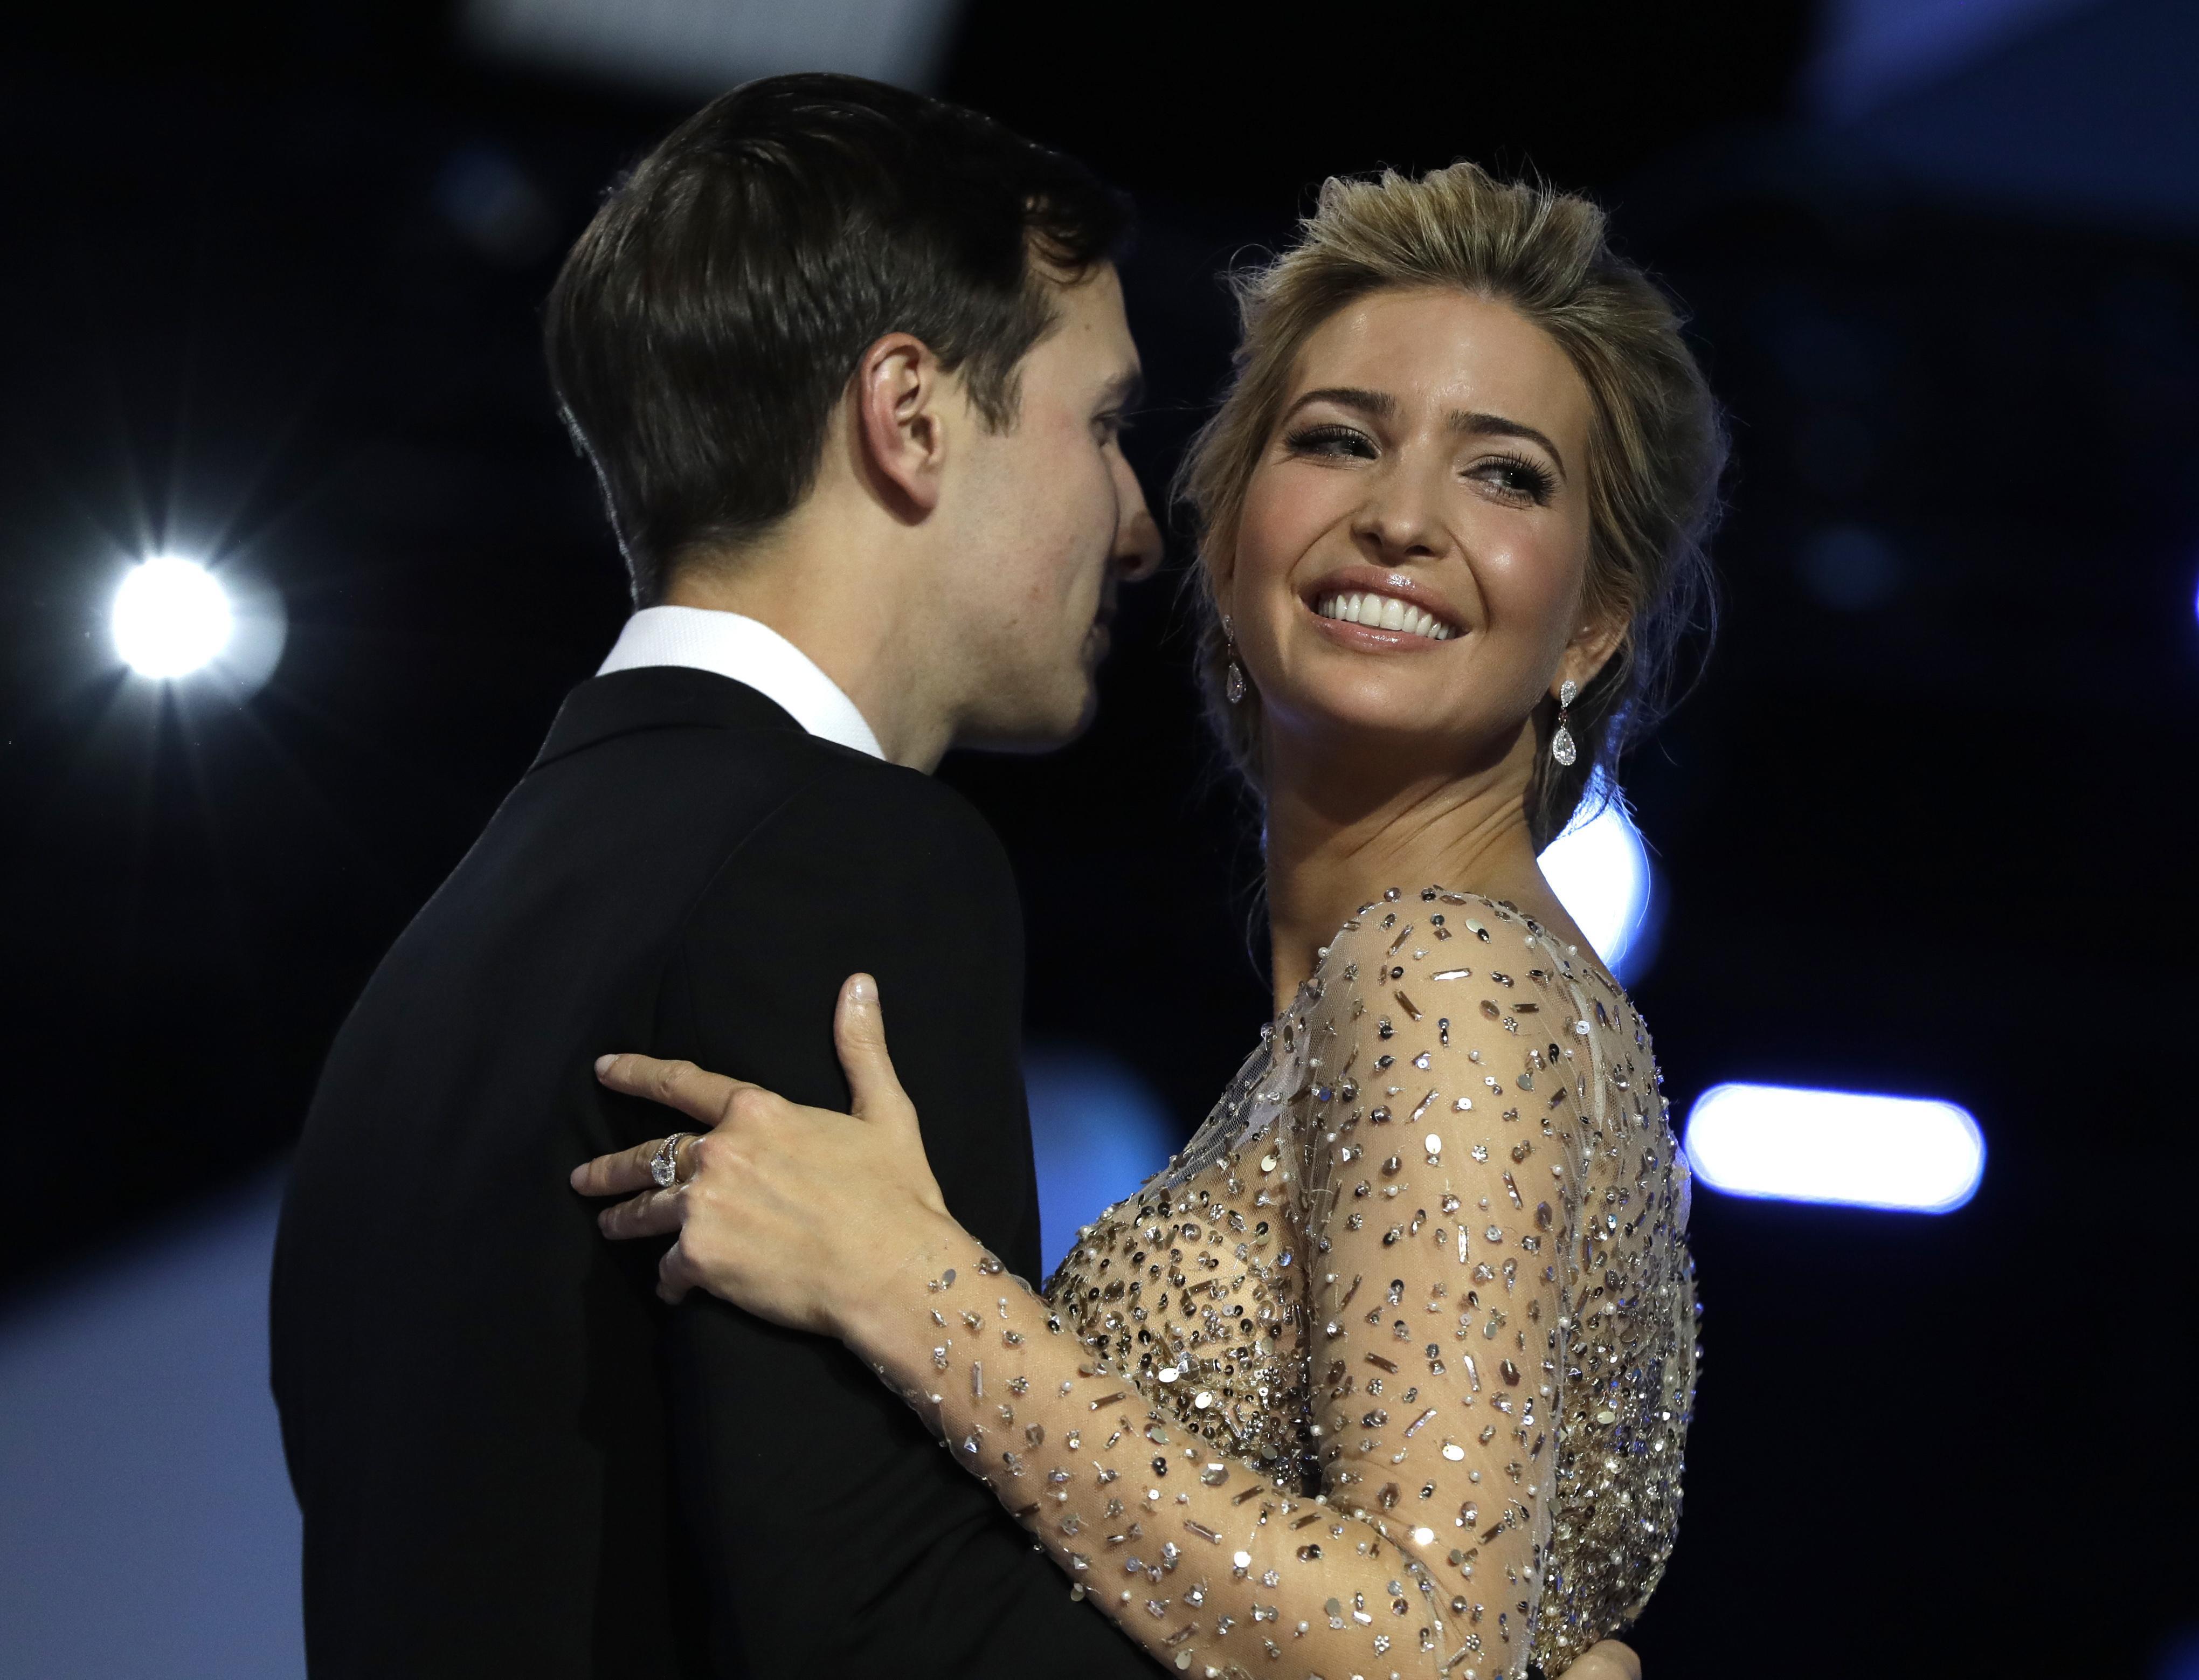 20 2017 File Photo Ivanka Trump And Her Husband